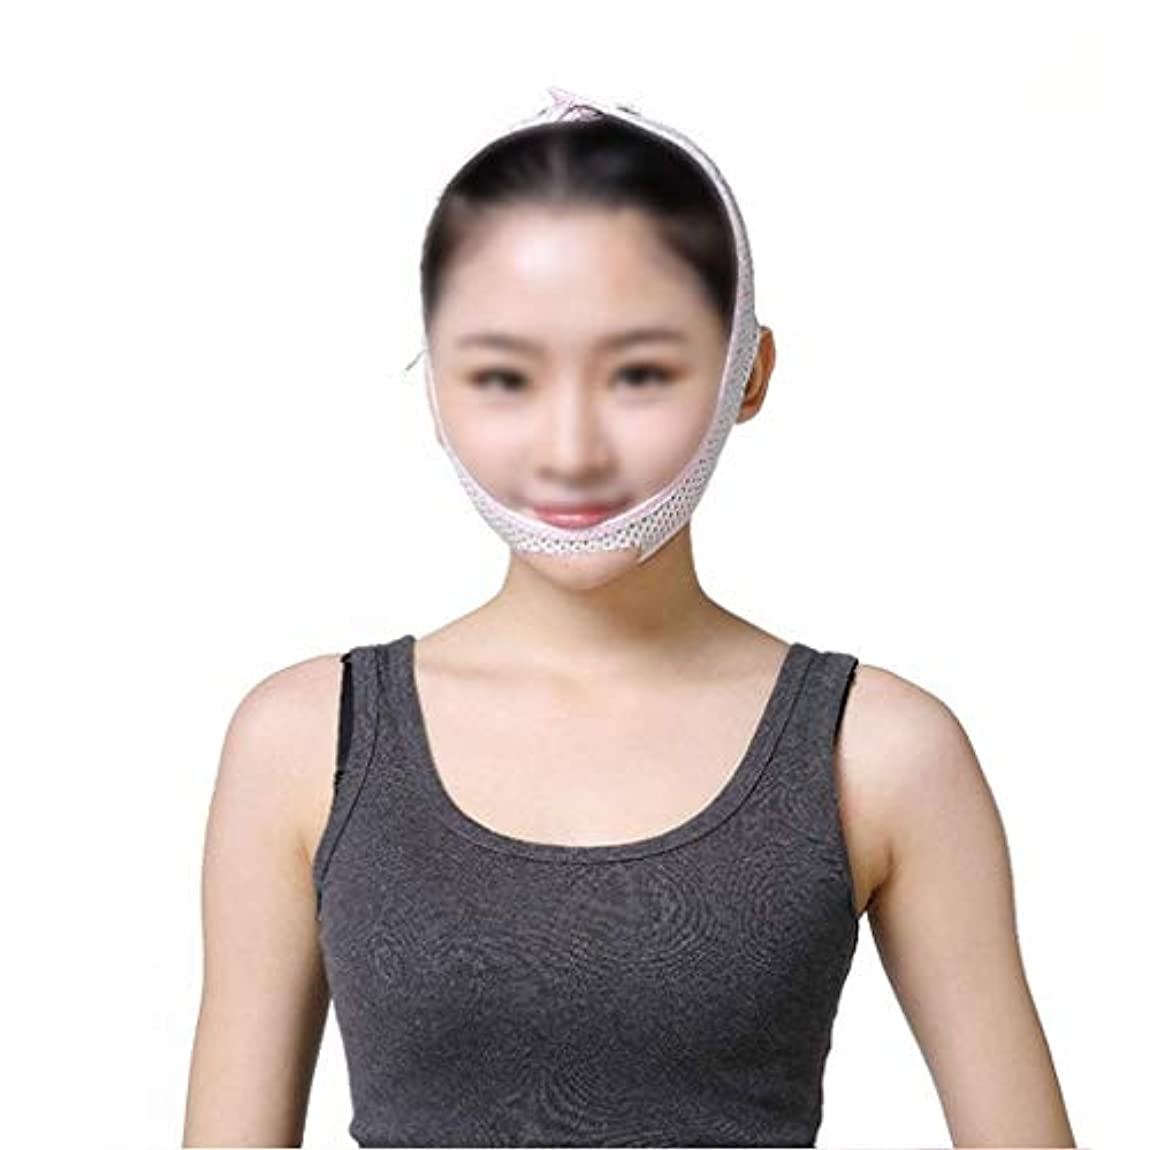 抑制ナンセンスについてフェイスリフティングマスク、快適で リフティングスキンファーミングスリープシンフェイスアーティファクトアンチリンクル/リムーブダブルチン/術後回復マスク(サイズ:L)